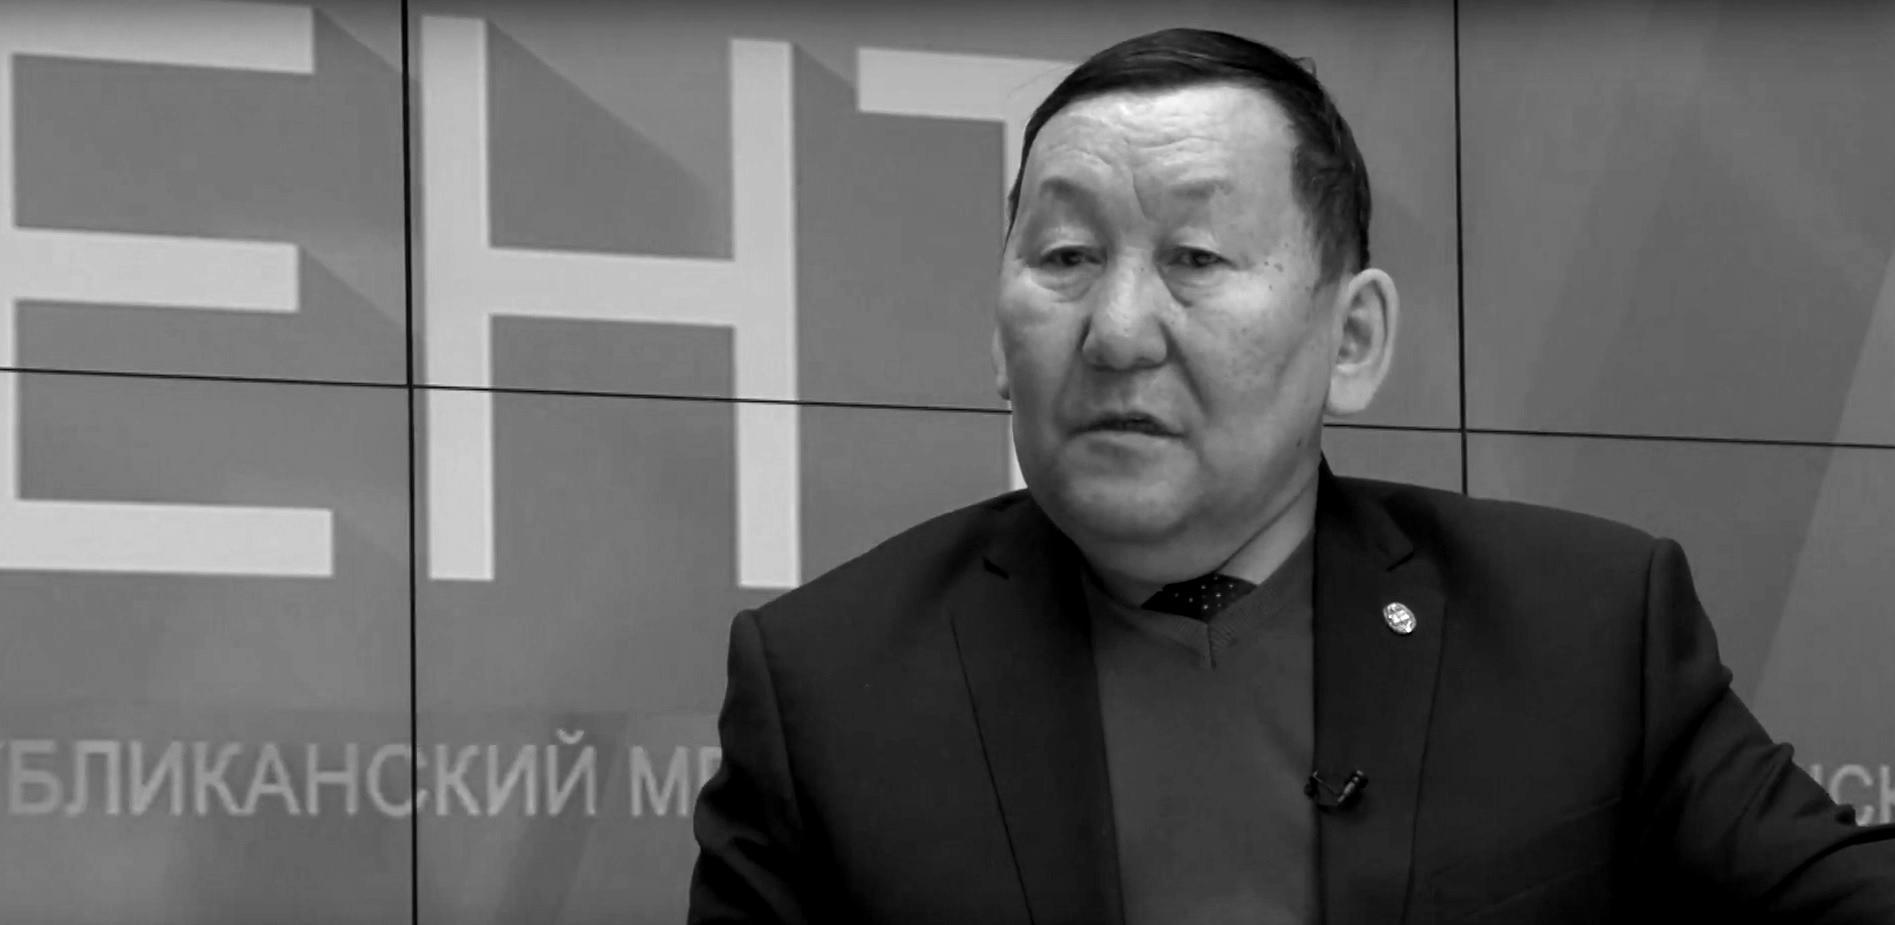 Айсен Николаев выразил соболезнование родным Николая Шишигина